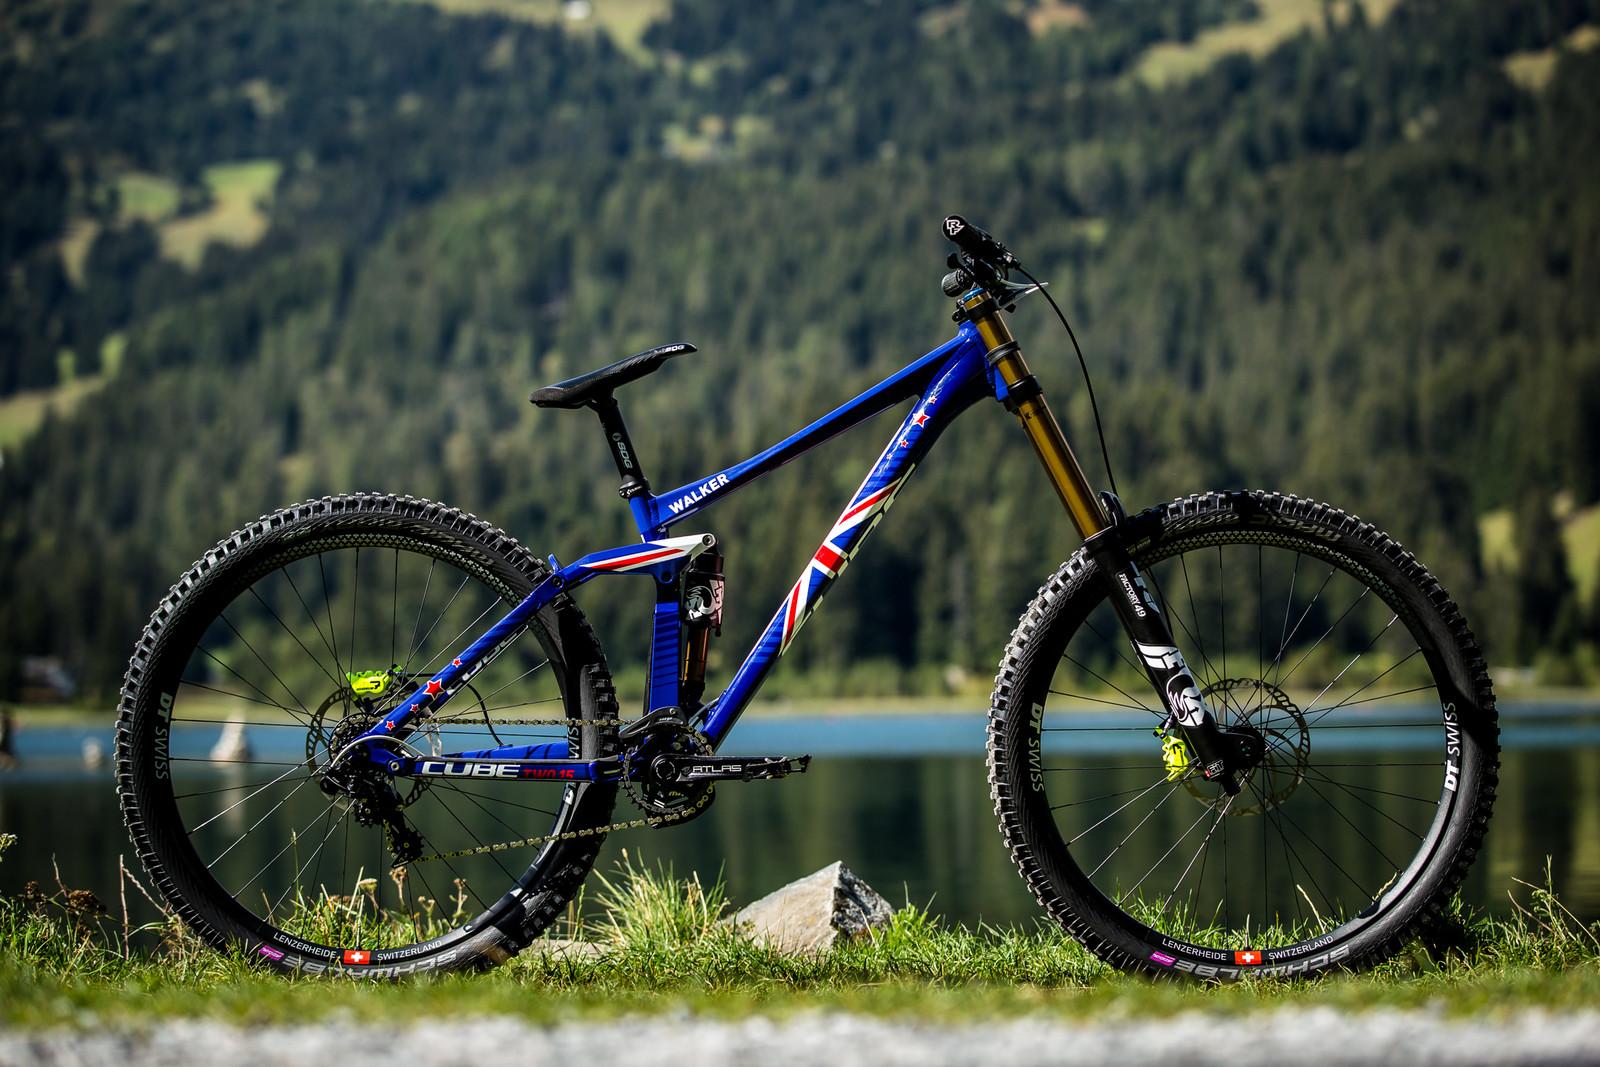 Matt Walker's Cube 215 SL 29 - WORLD CHAMPS BIKES - Matt Walker and Max Hartenstern's Cubes - Mountain Biking Pictures - Vital MTB